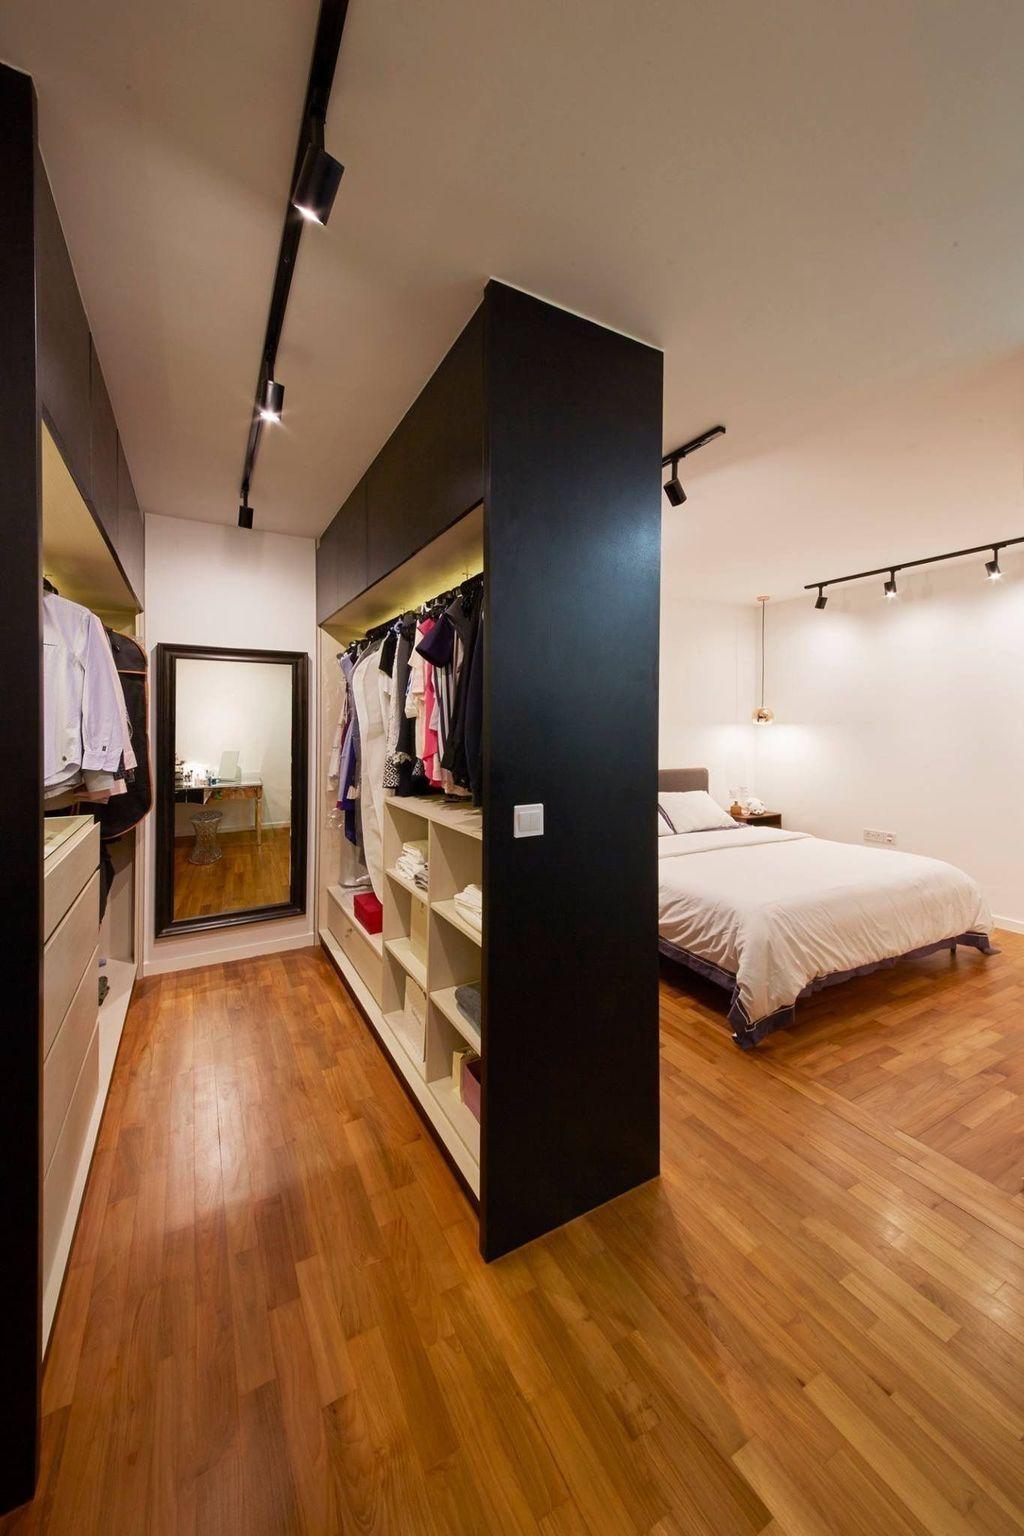 bedroom, wooden floor, white wall, white bed, black white cabinet, black framed mirror